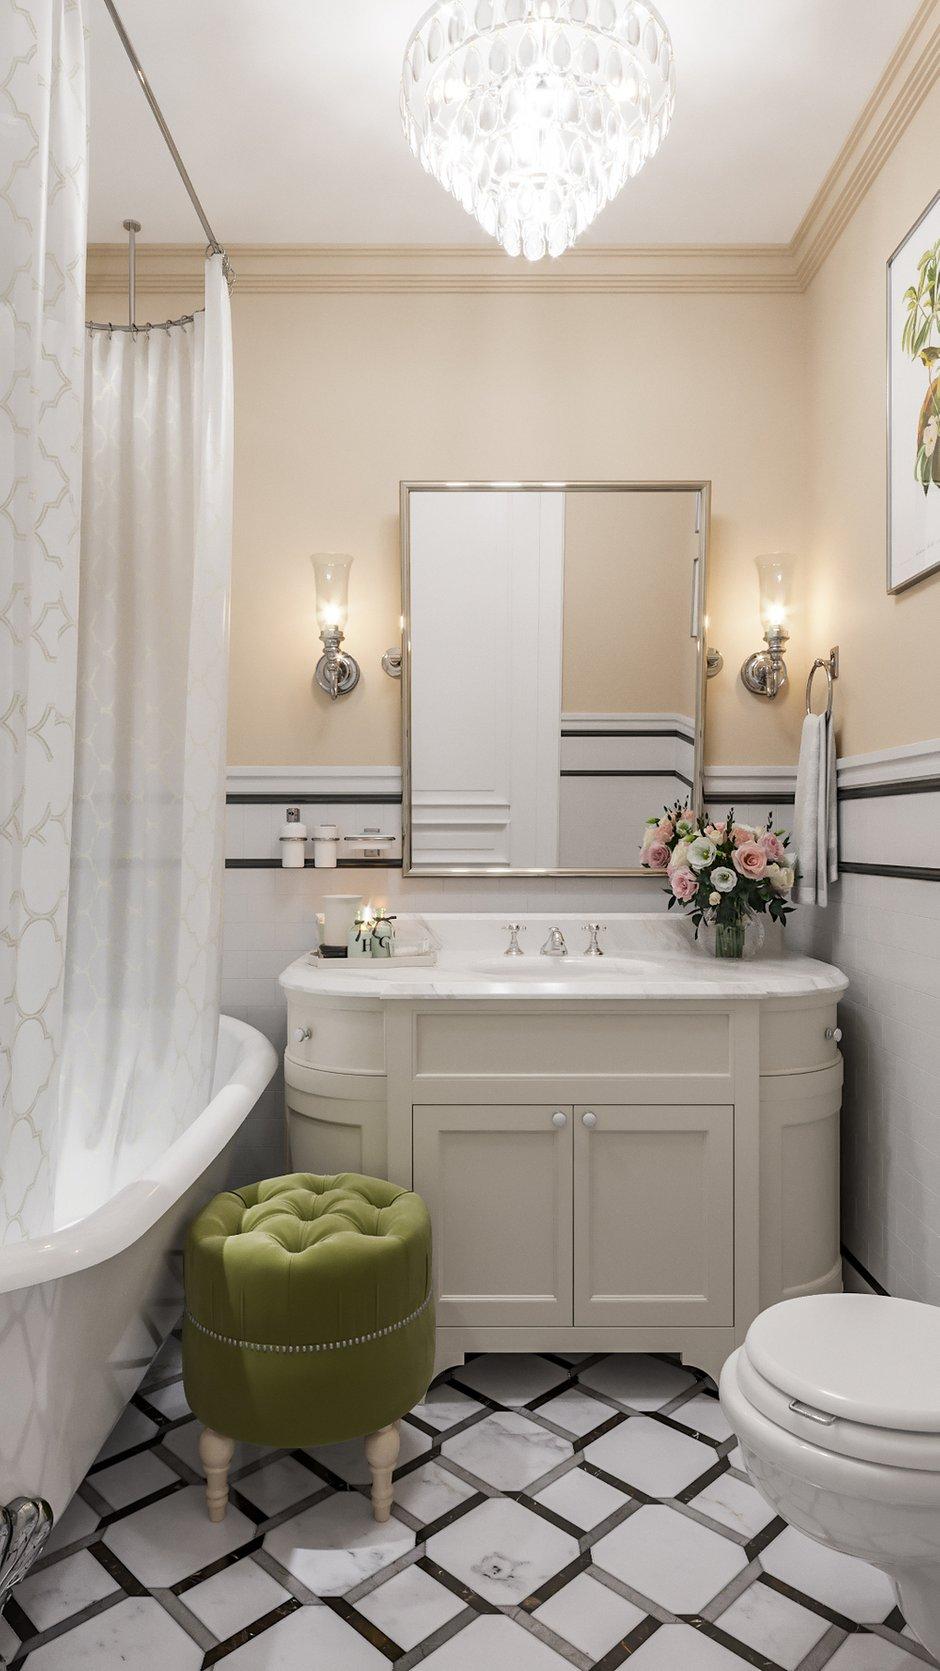 Фотография: Ванная в стиле Классический, Современный, Квартира, Москва, Монолитный дом, 3 комнаты, Более 90 метров, #эксклюзивныепроекты, True interior – фото на INMYROOM